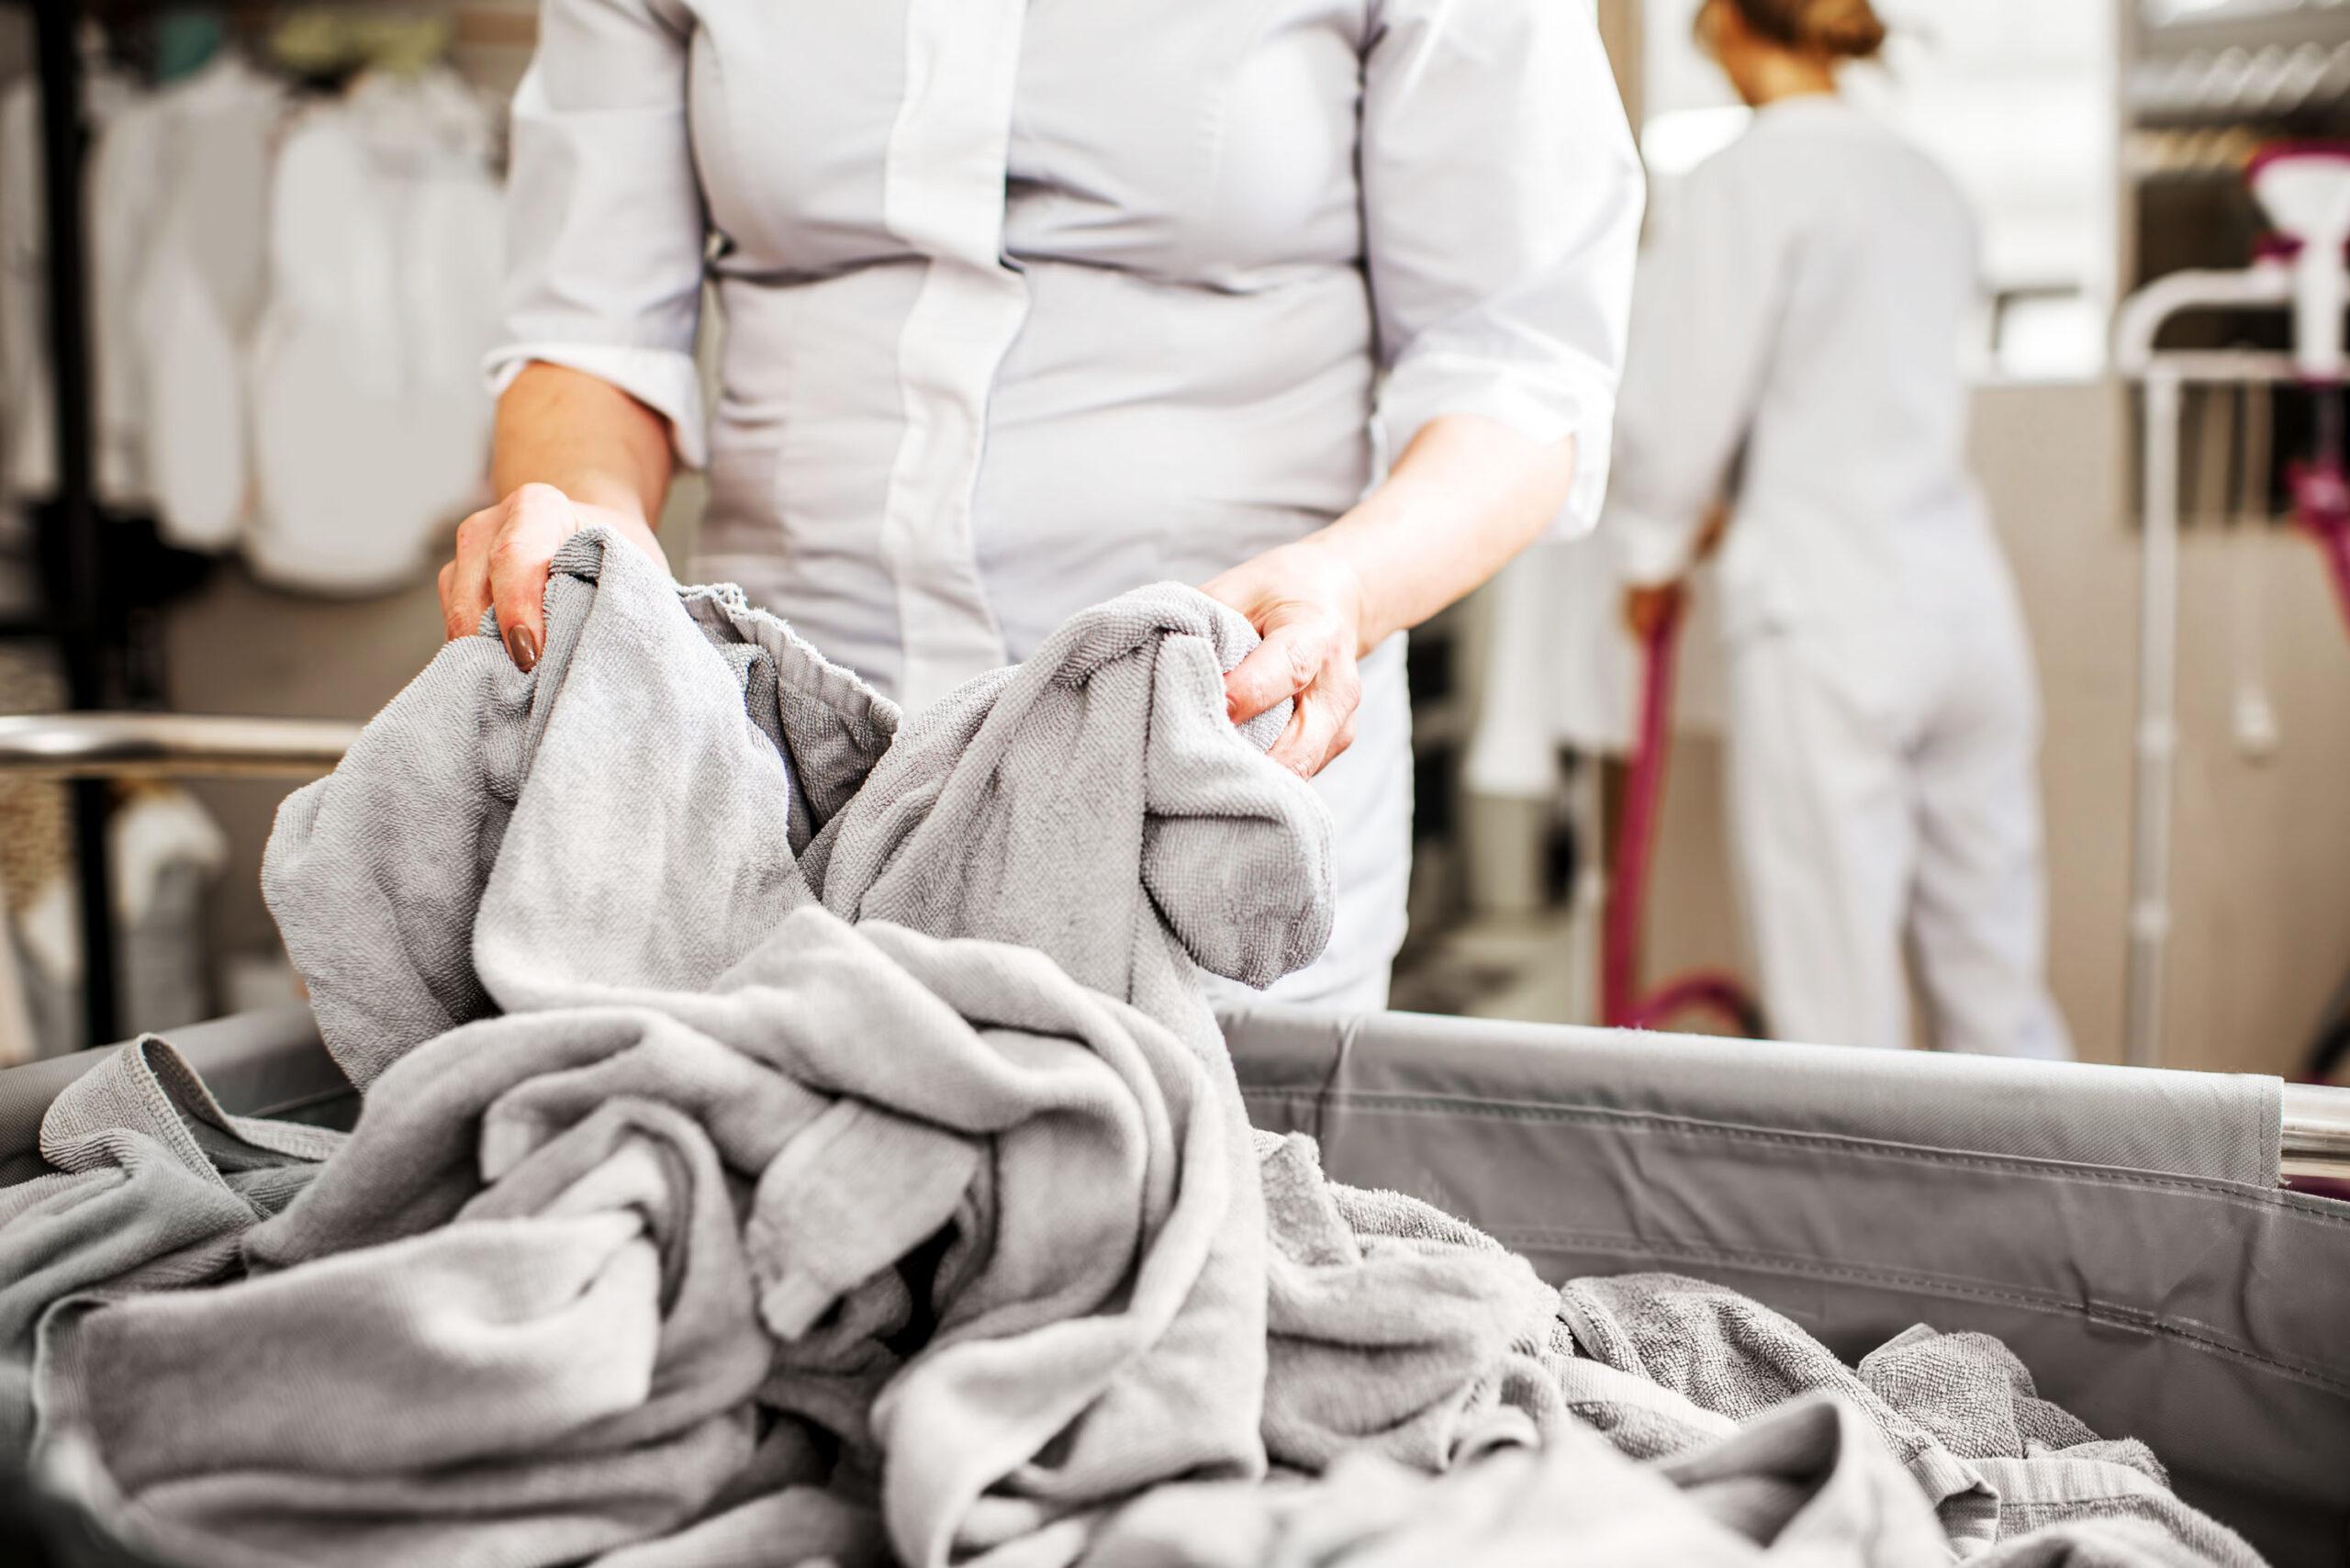 Frau arbeitet in der Wäscherei